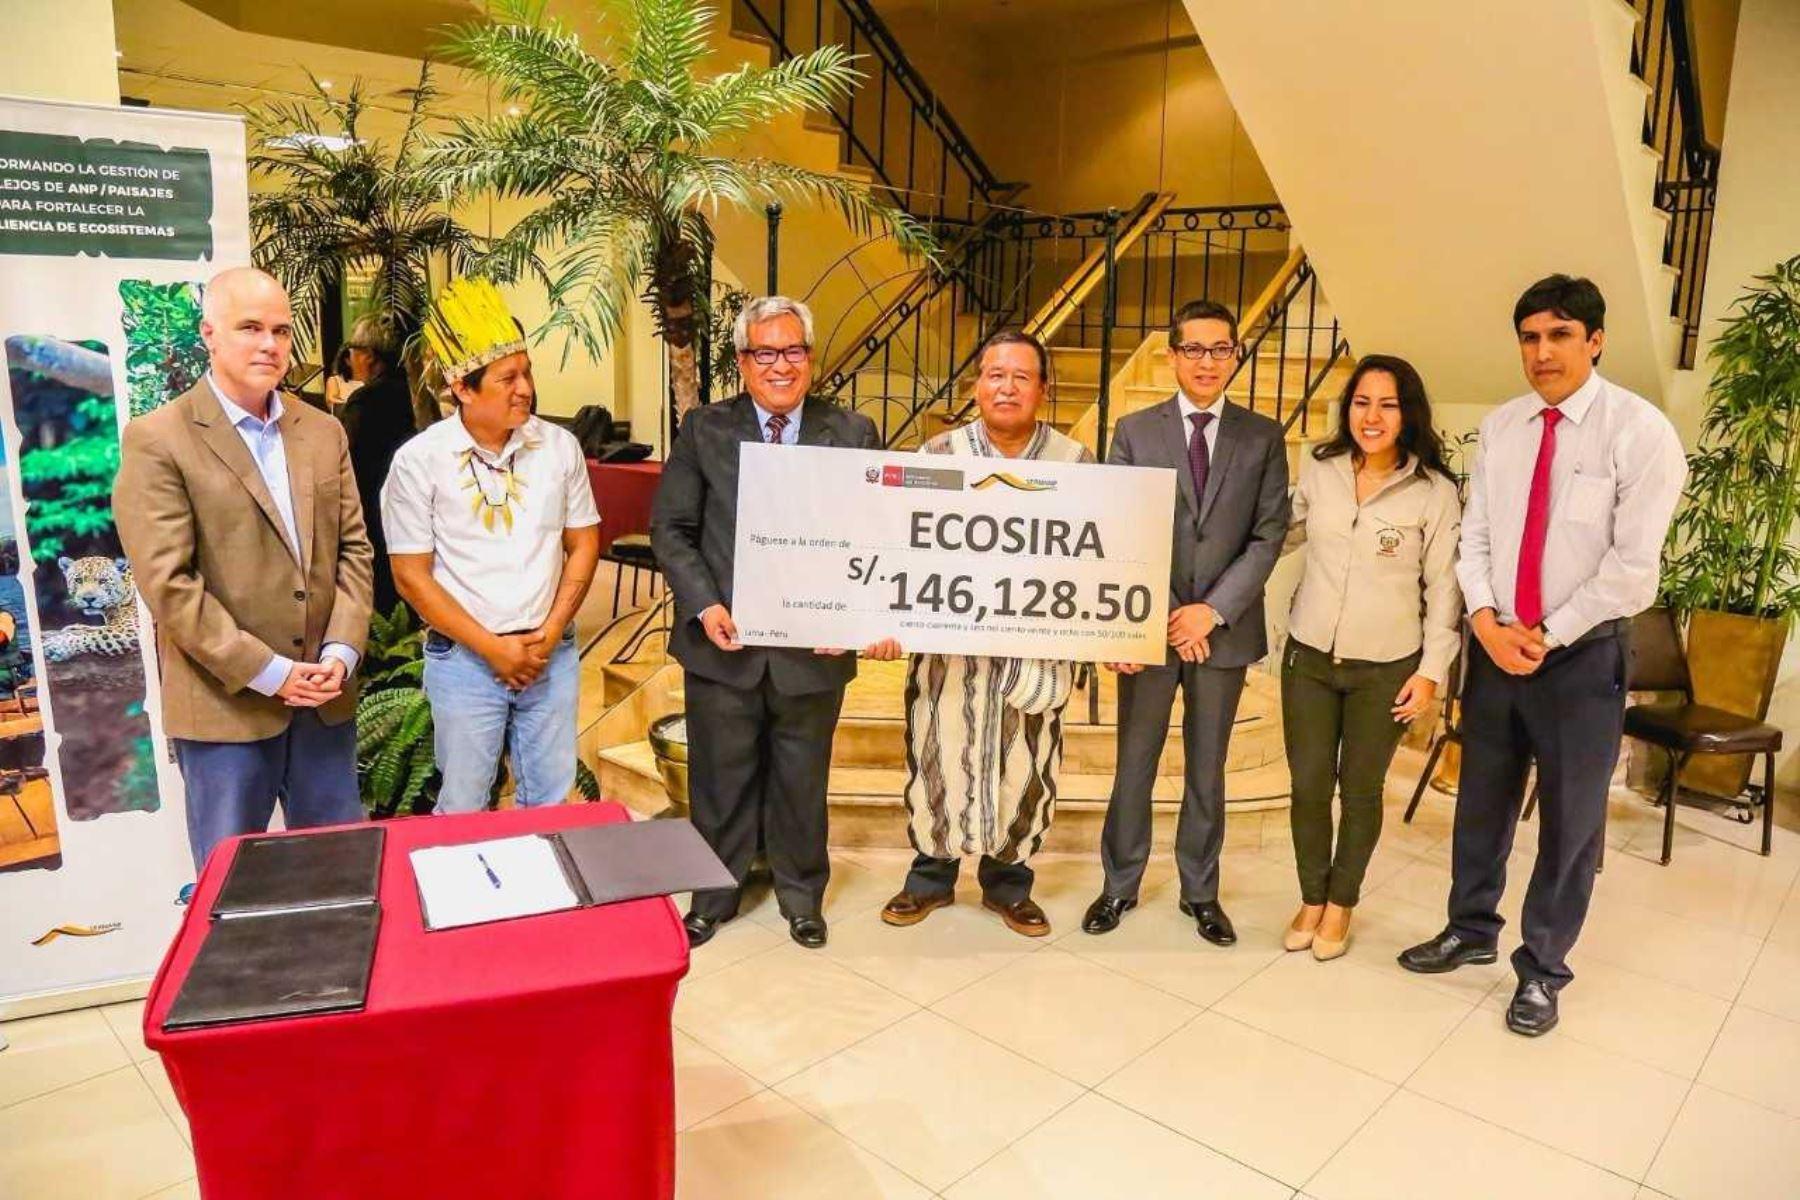 """El Servicio Nacional de Áreas Naturales Protegidas por el Estado (Sernanp), como organismo adscrito al Ministerio del Ambiente, suscribió el """"Primer Acuerdo de Subsidio de Microcapital"""" con los Ejecutores de Contratos de Administración ECAS de Reservas Comunales Ecopurús, Amarcy, y Ecosira, en el marco de la implementación del Proyecto Amazonía Resiliente."""